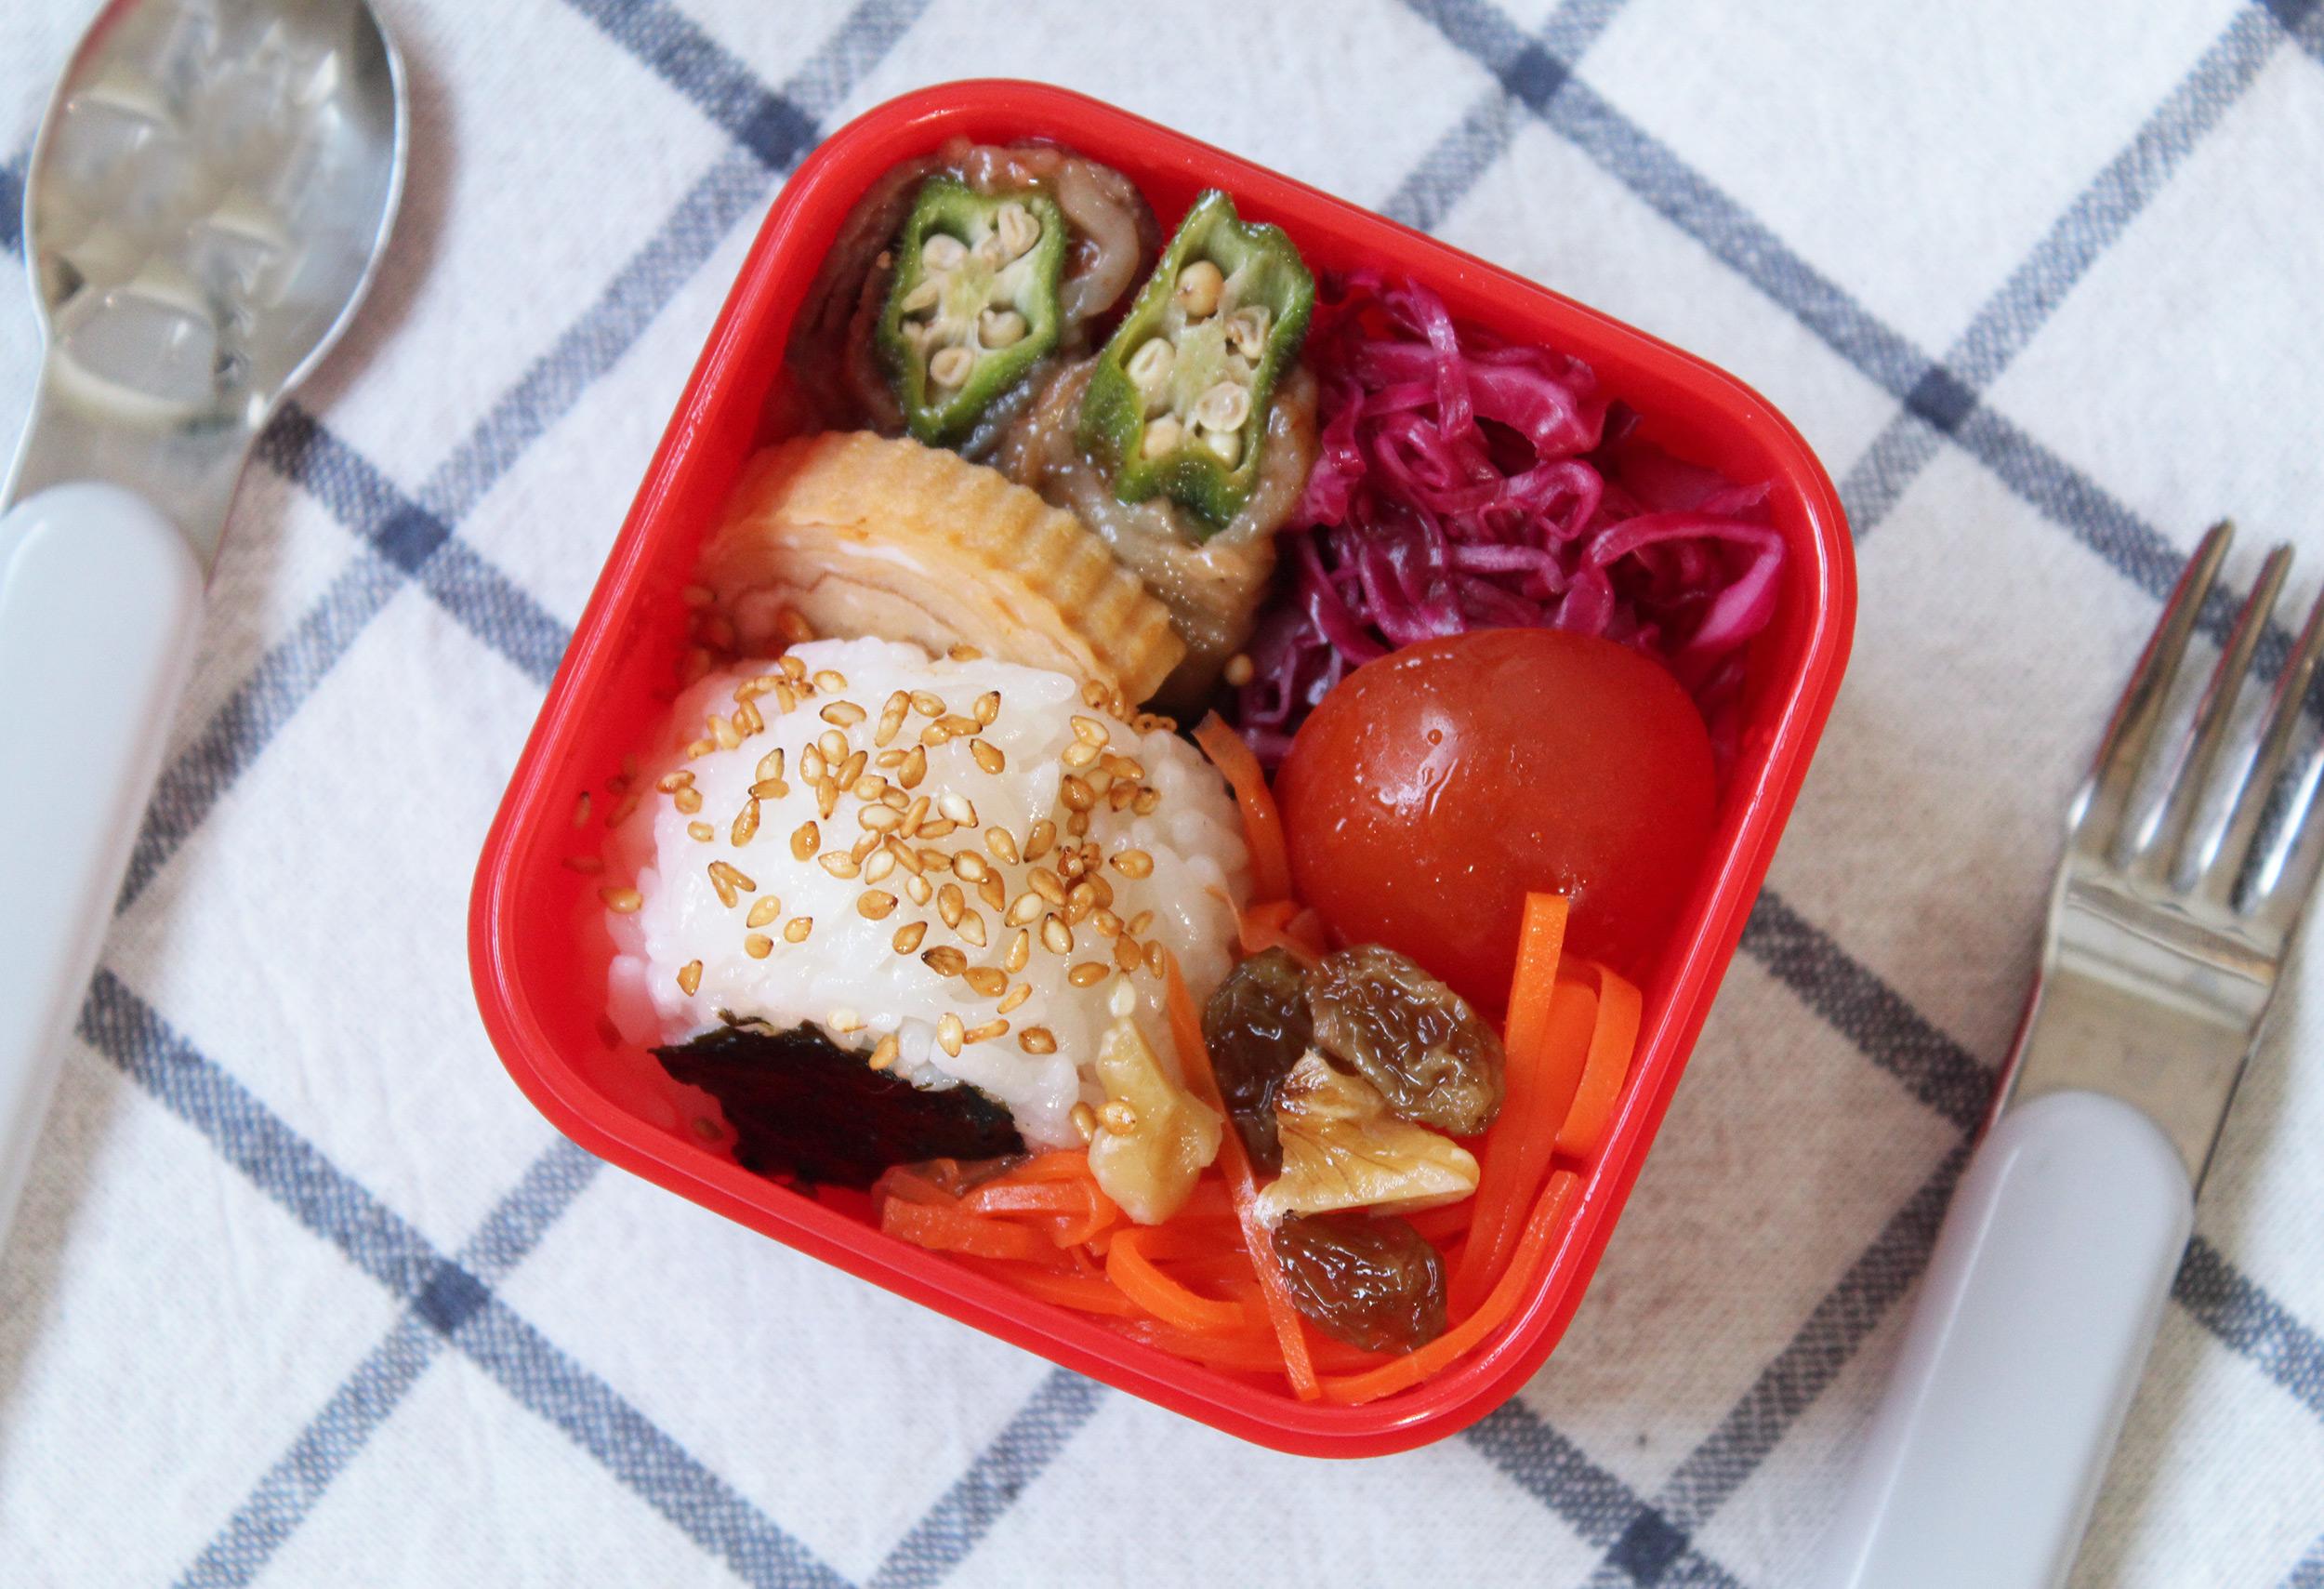 オクラの肉巻き&二色ラペで鮮やかに-幼稚園年少さんのお弁当